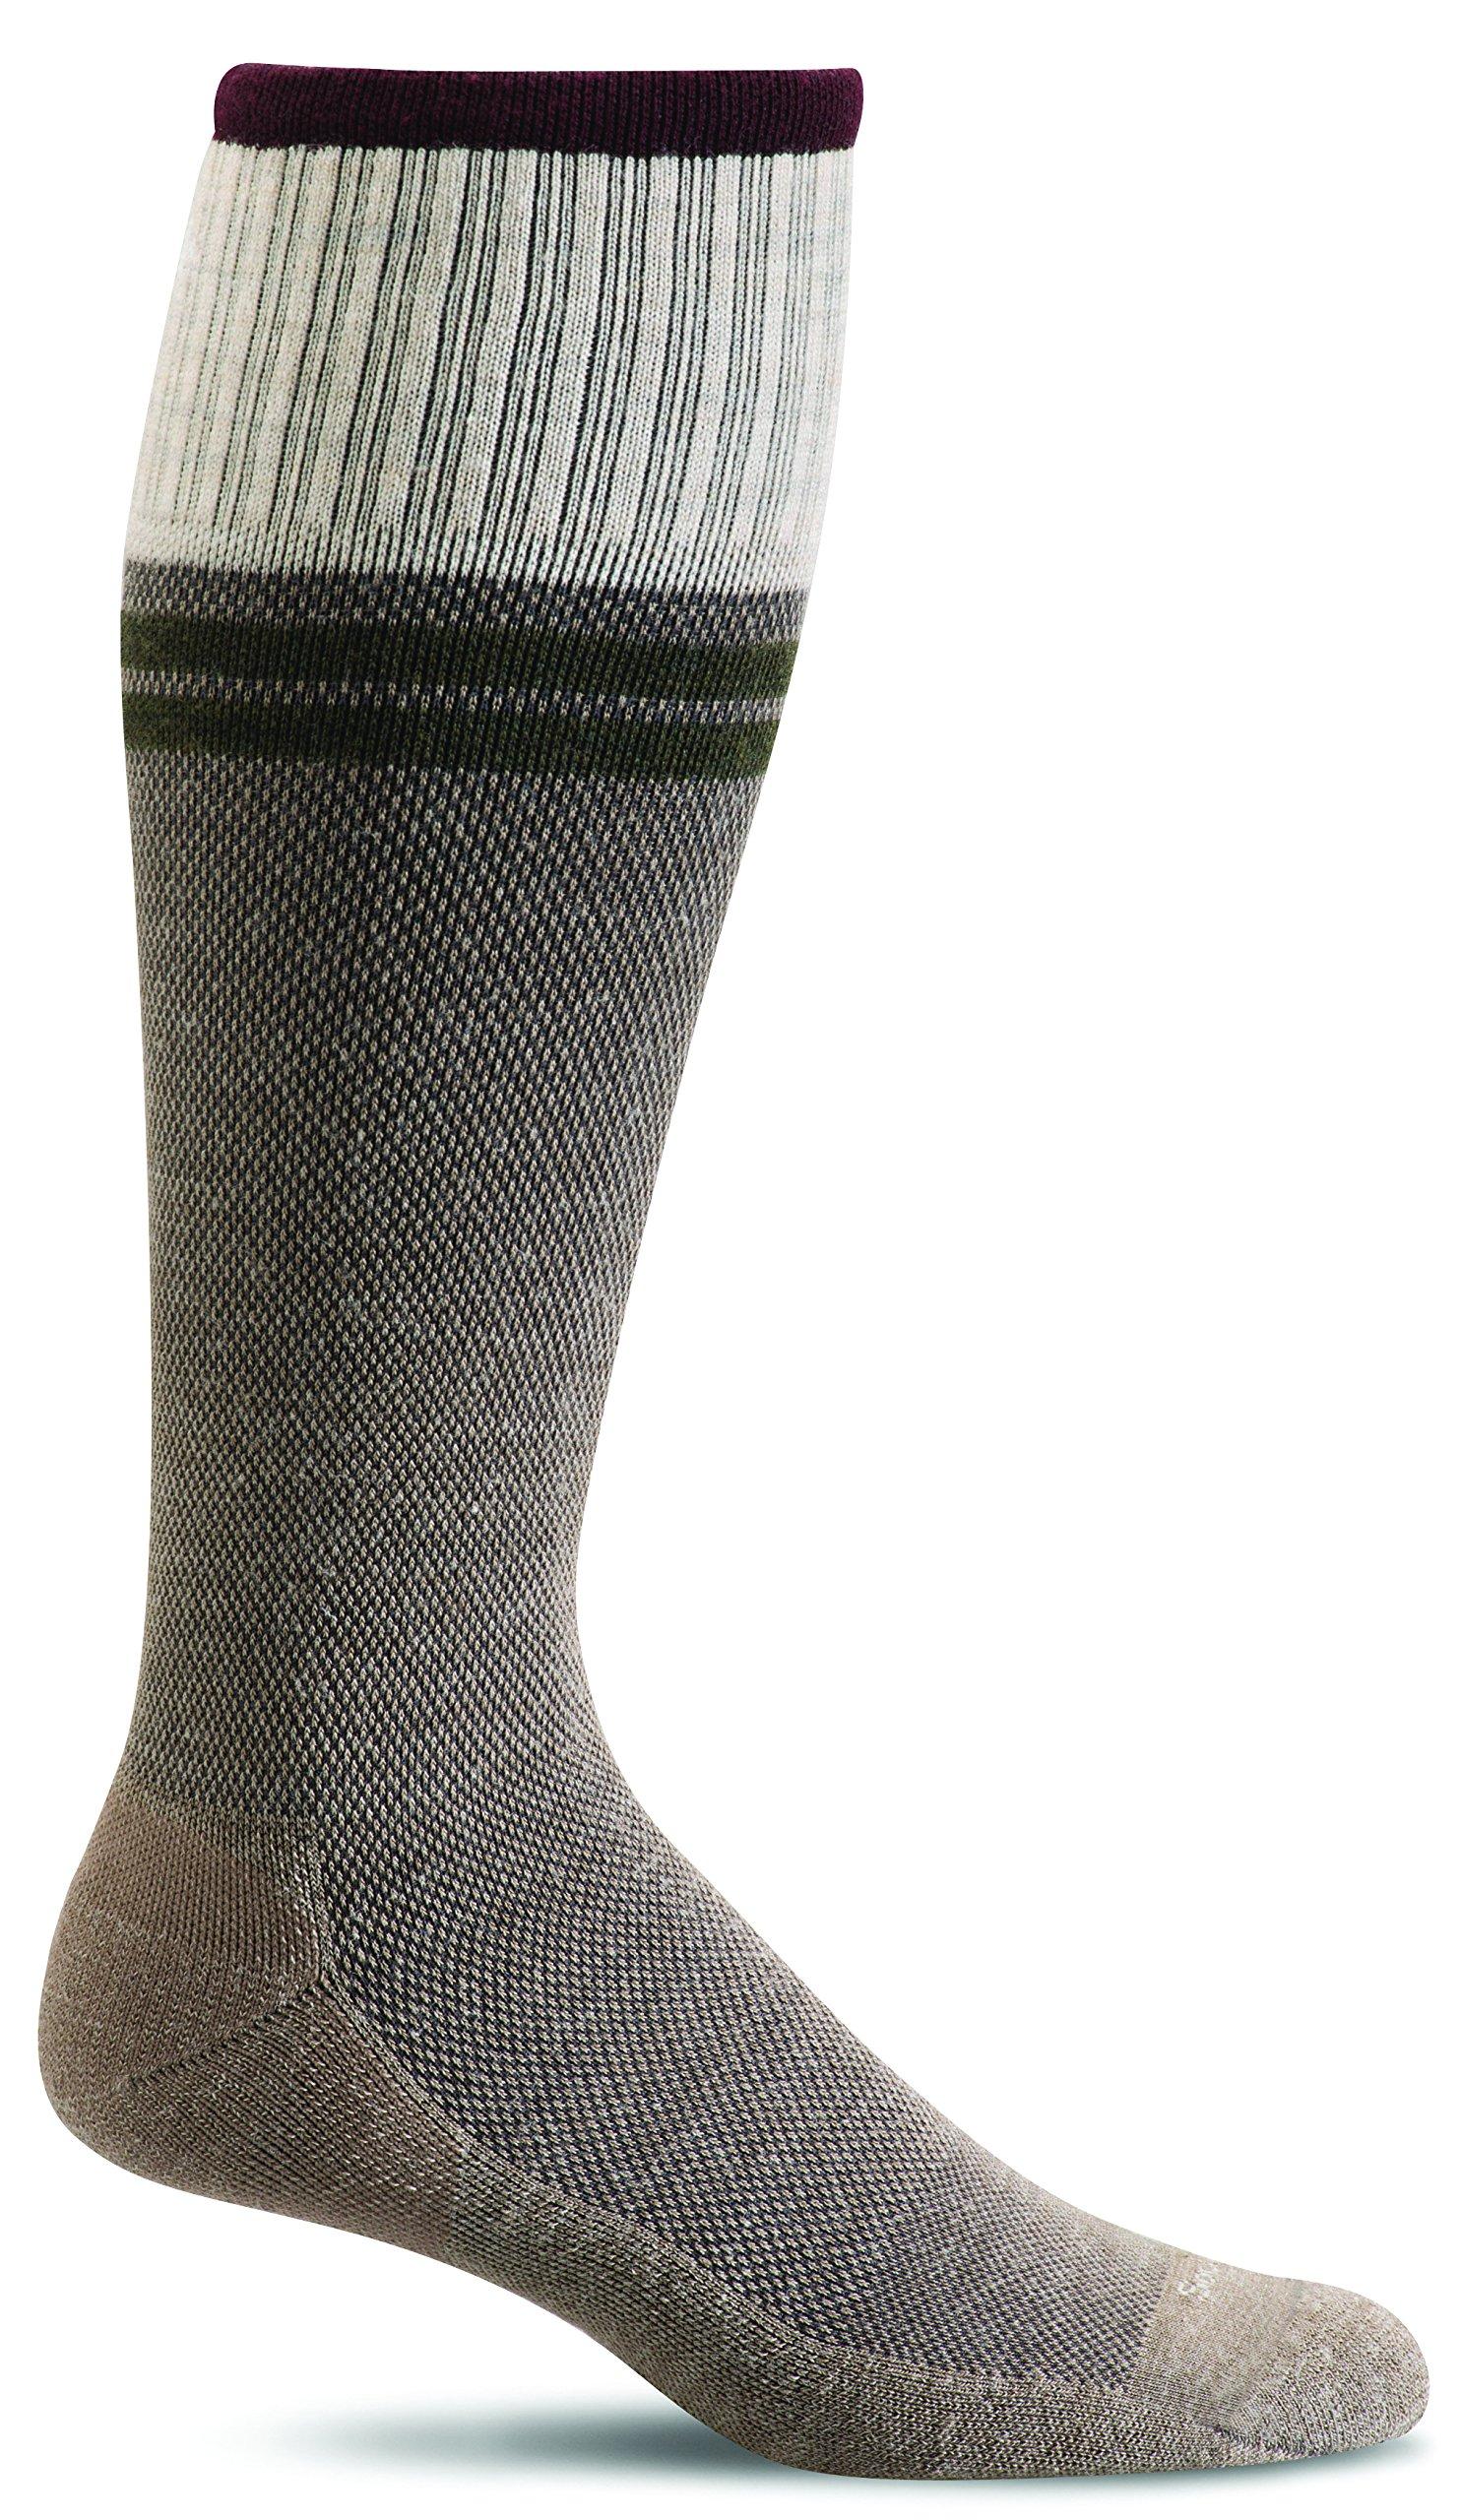 Sockwell Mens Wool Moderate Sportster Compression Socks (Khaki, M/L)